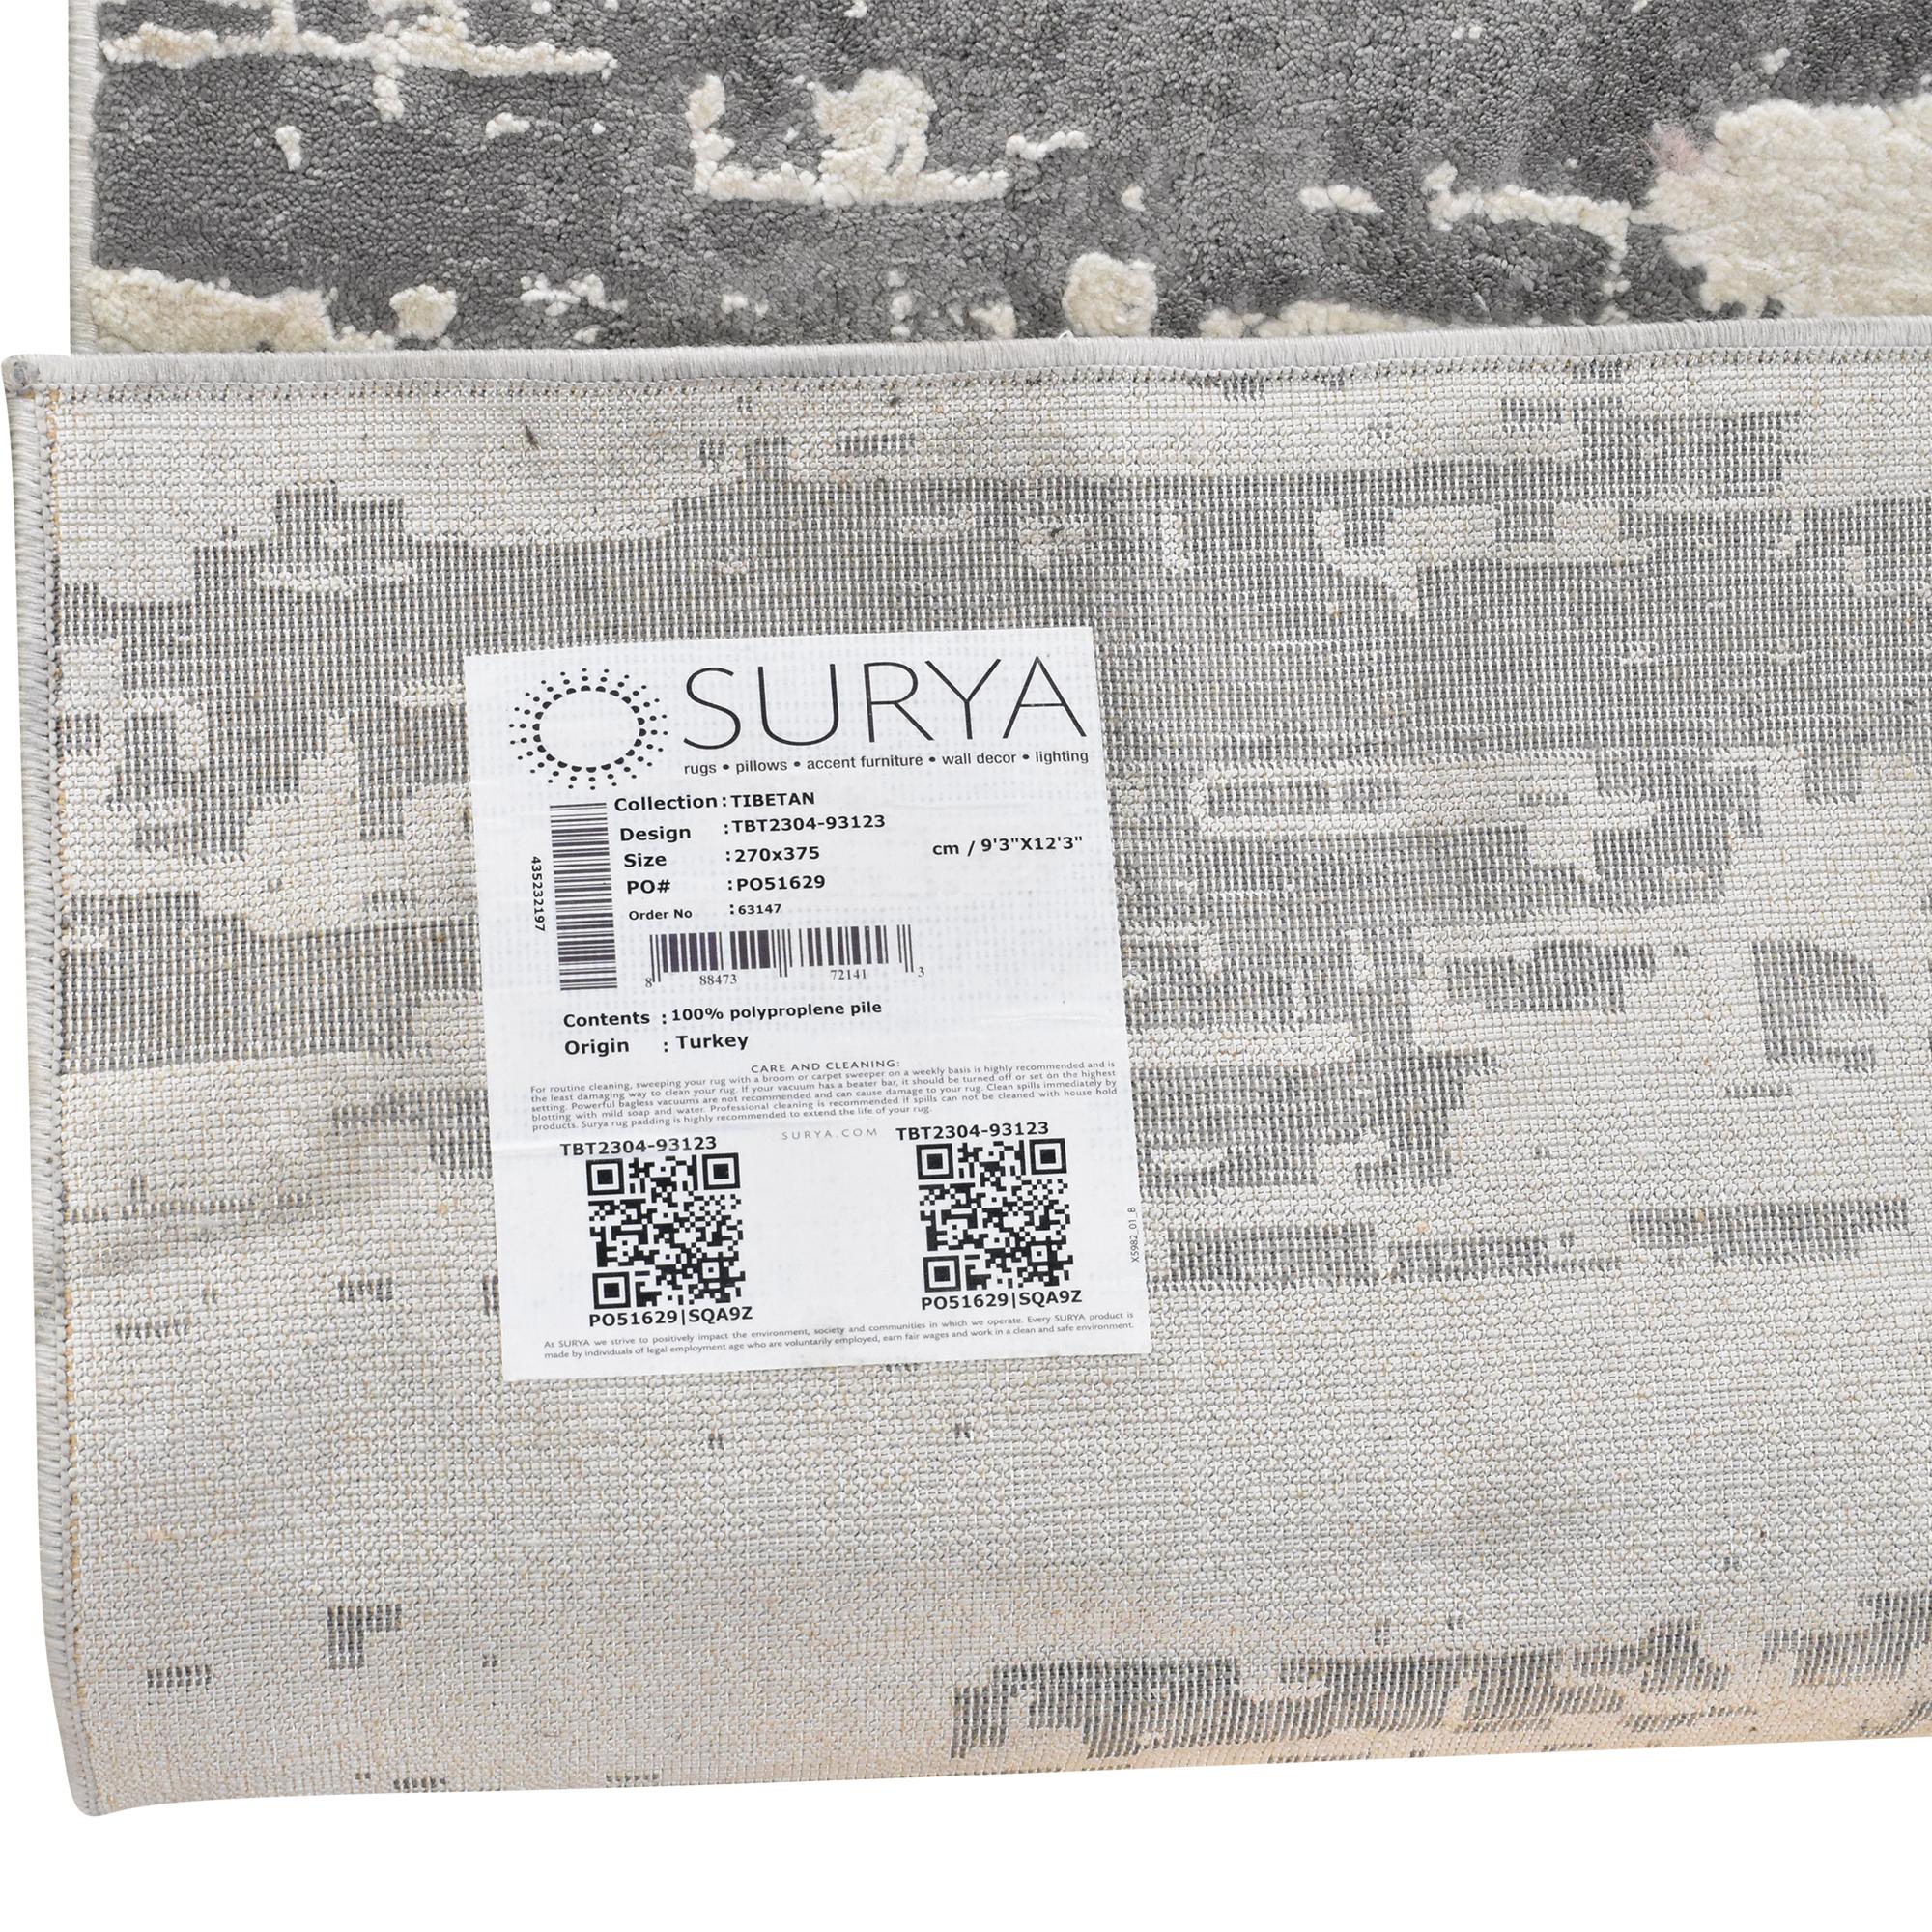 Surya Surya Tibetan Collection Area Rug dimensions